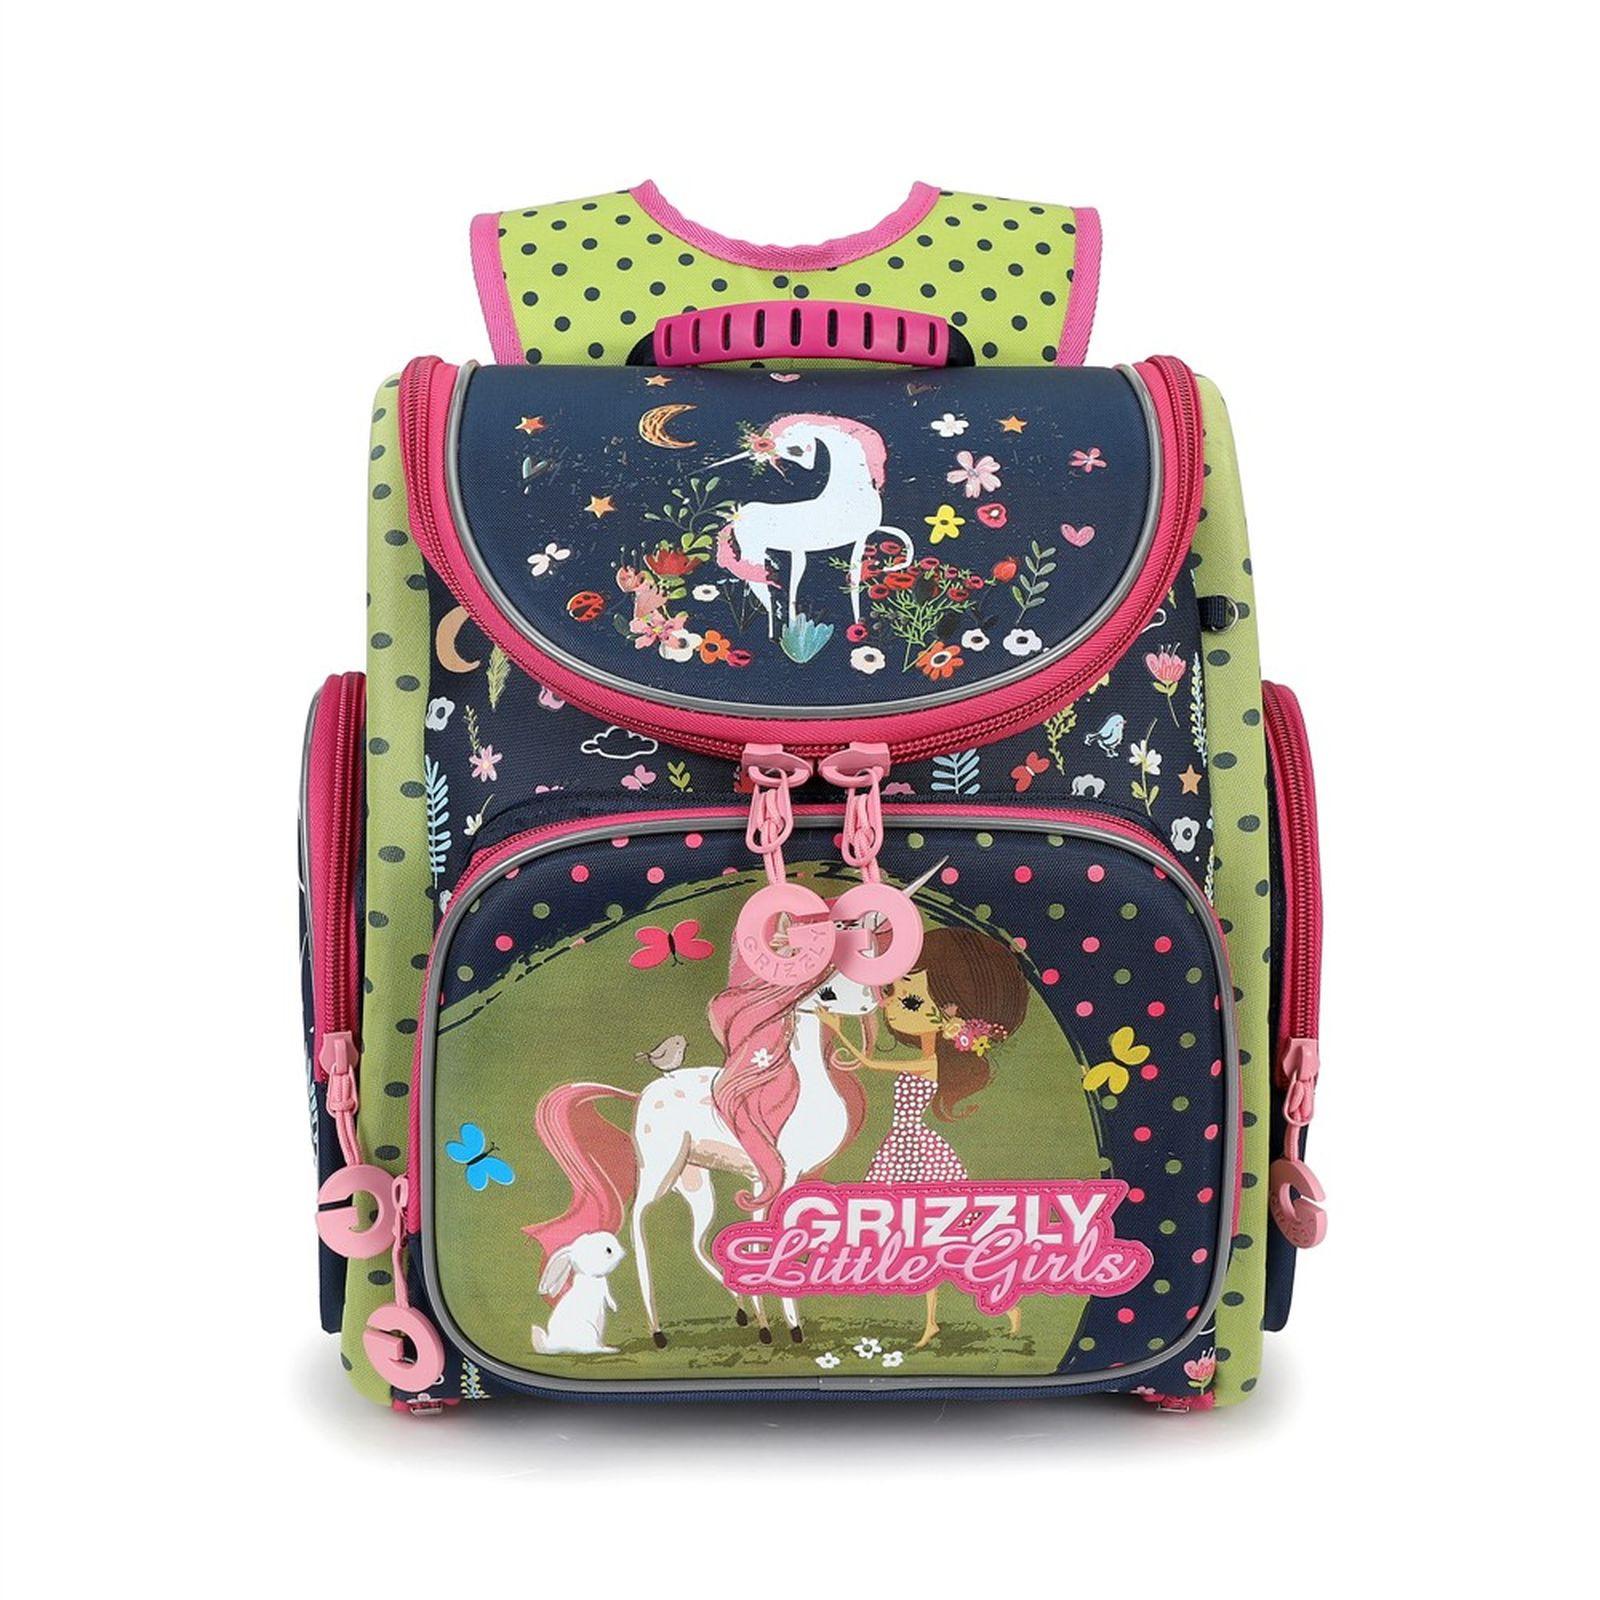 Фото - Рюкзак школьный Grizzly, RA-971-1/1, салатовый, темно-синий рюкзак школьный grizzly ra 780 1 1